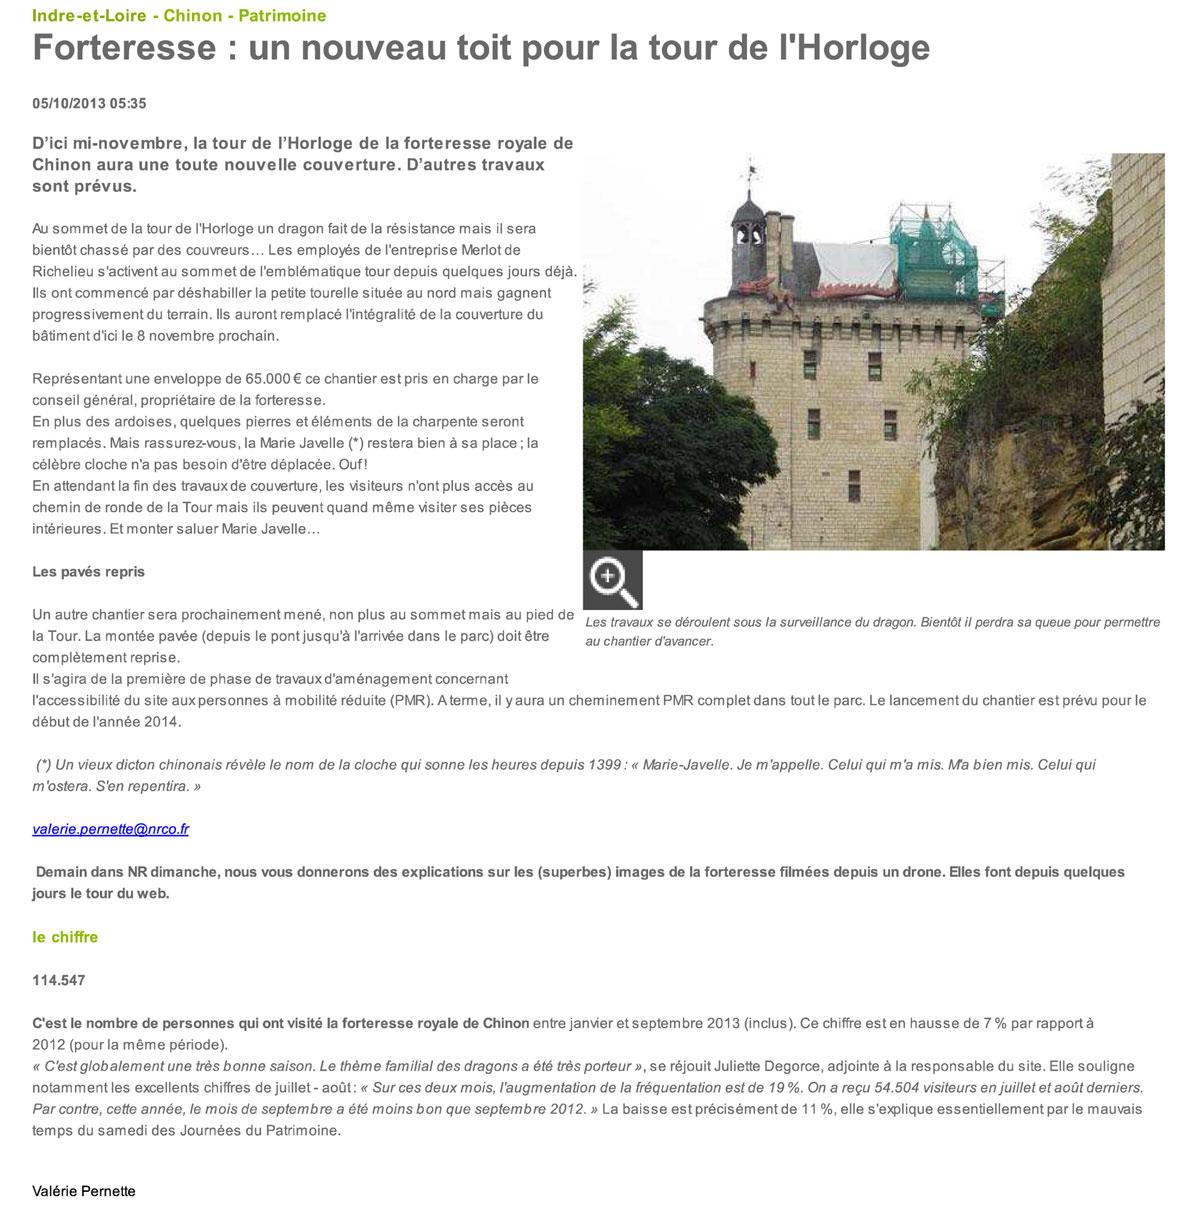 Forteresse de Chinon - Un nouveau toit pour l'horloge - Restauration de la couverture ardoise par la Sarl Merlot - Charpente - Couverture - Zinguerie - 37120 Richelieu